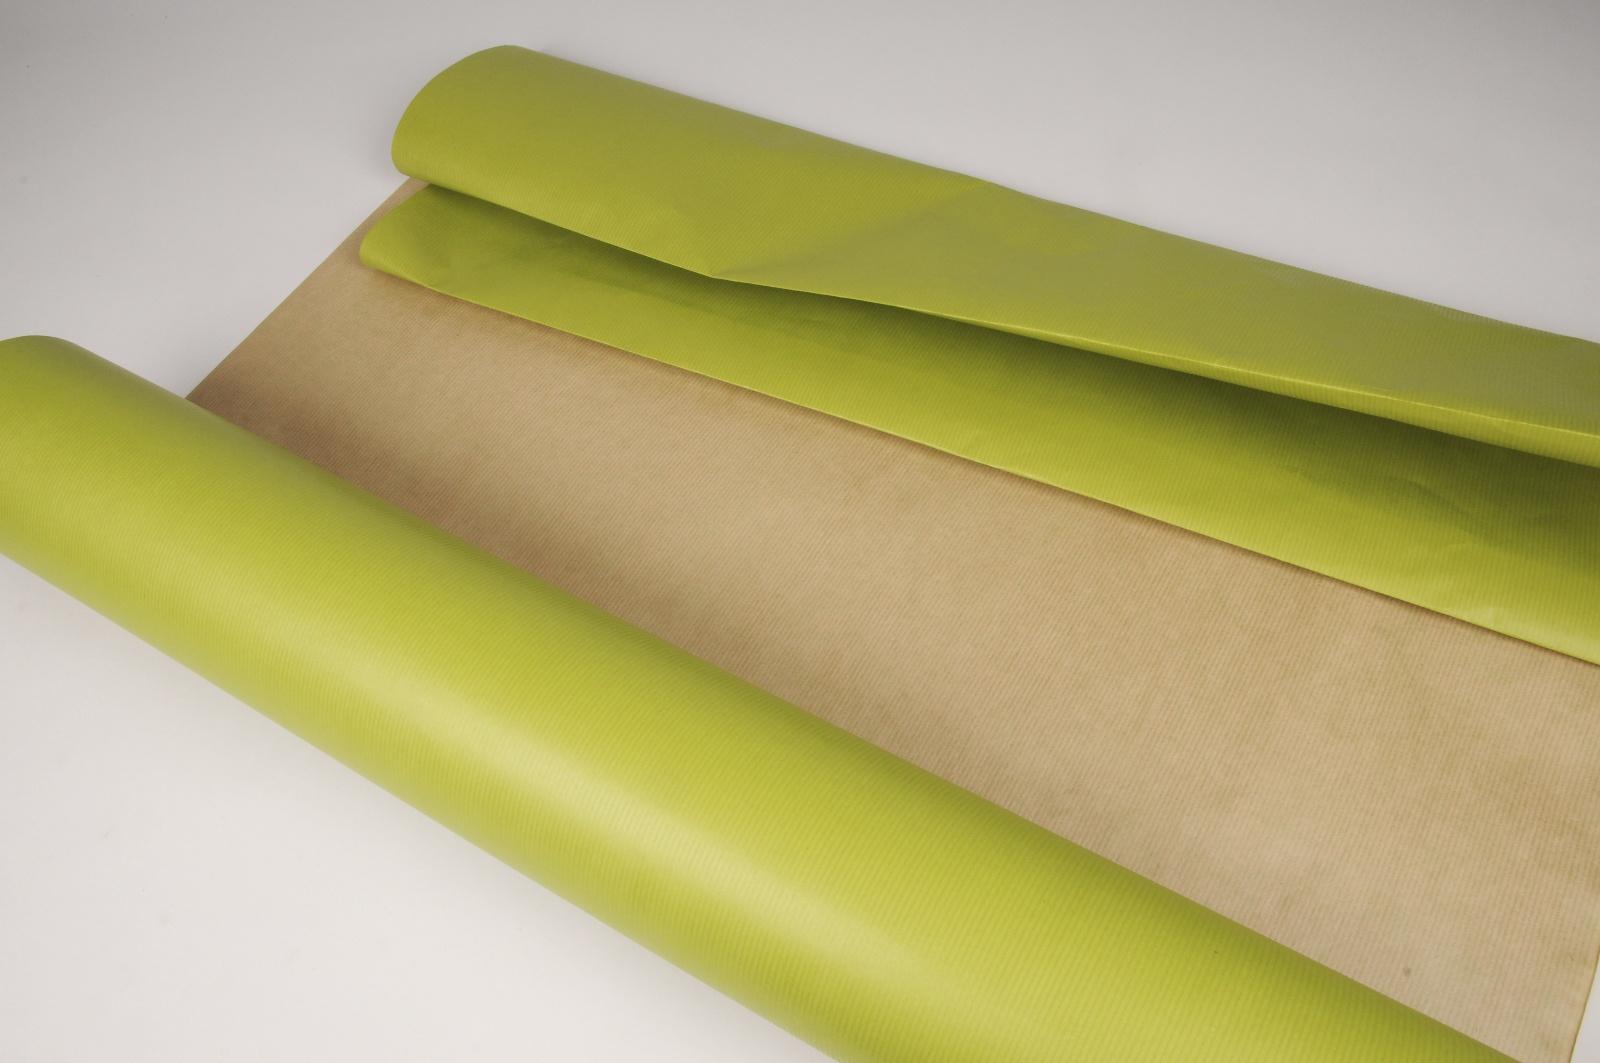 A055QX Rouleau de papier kraft vert pomme/marron 80cmx120m